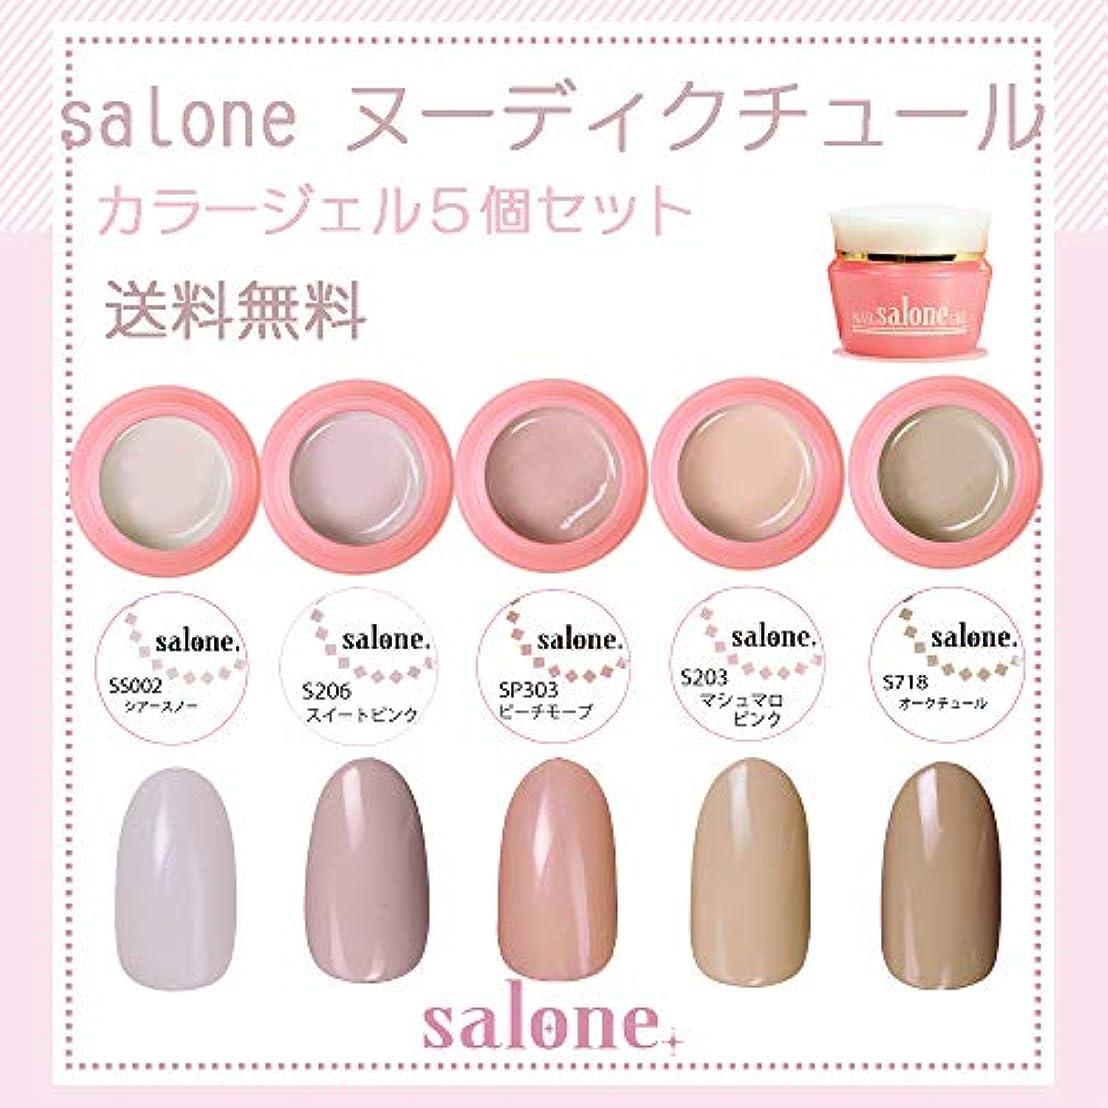 本フェリー主人【送料無料 日本製】Salone ヌーディクチュール カラージェル5個セット 上品で肌なじみの良いカラー